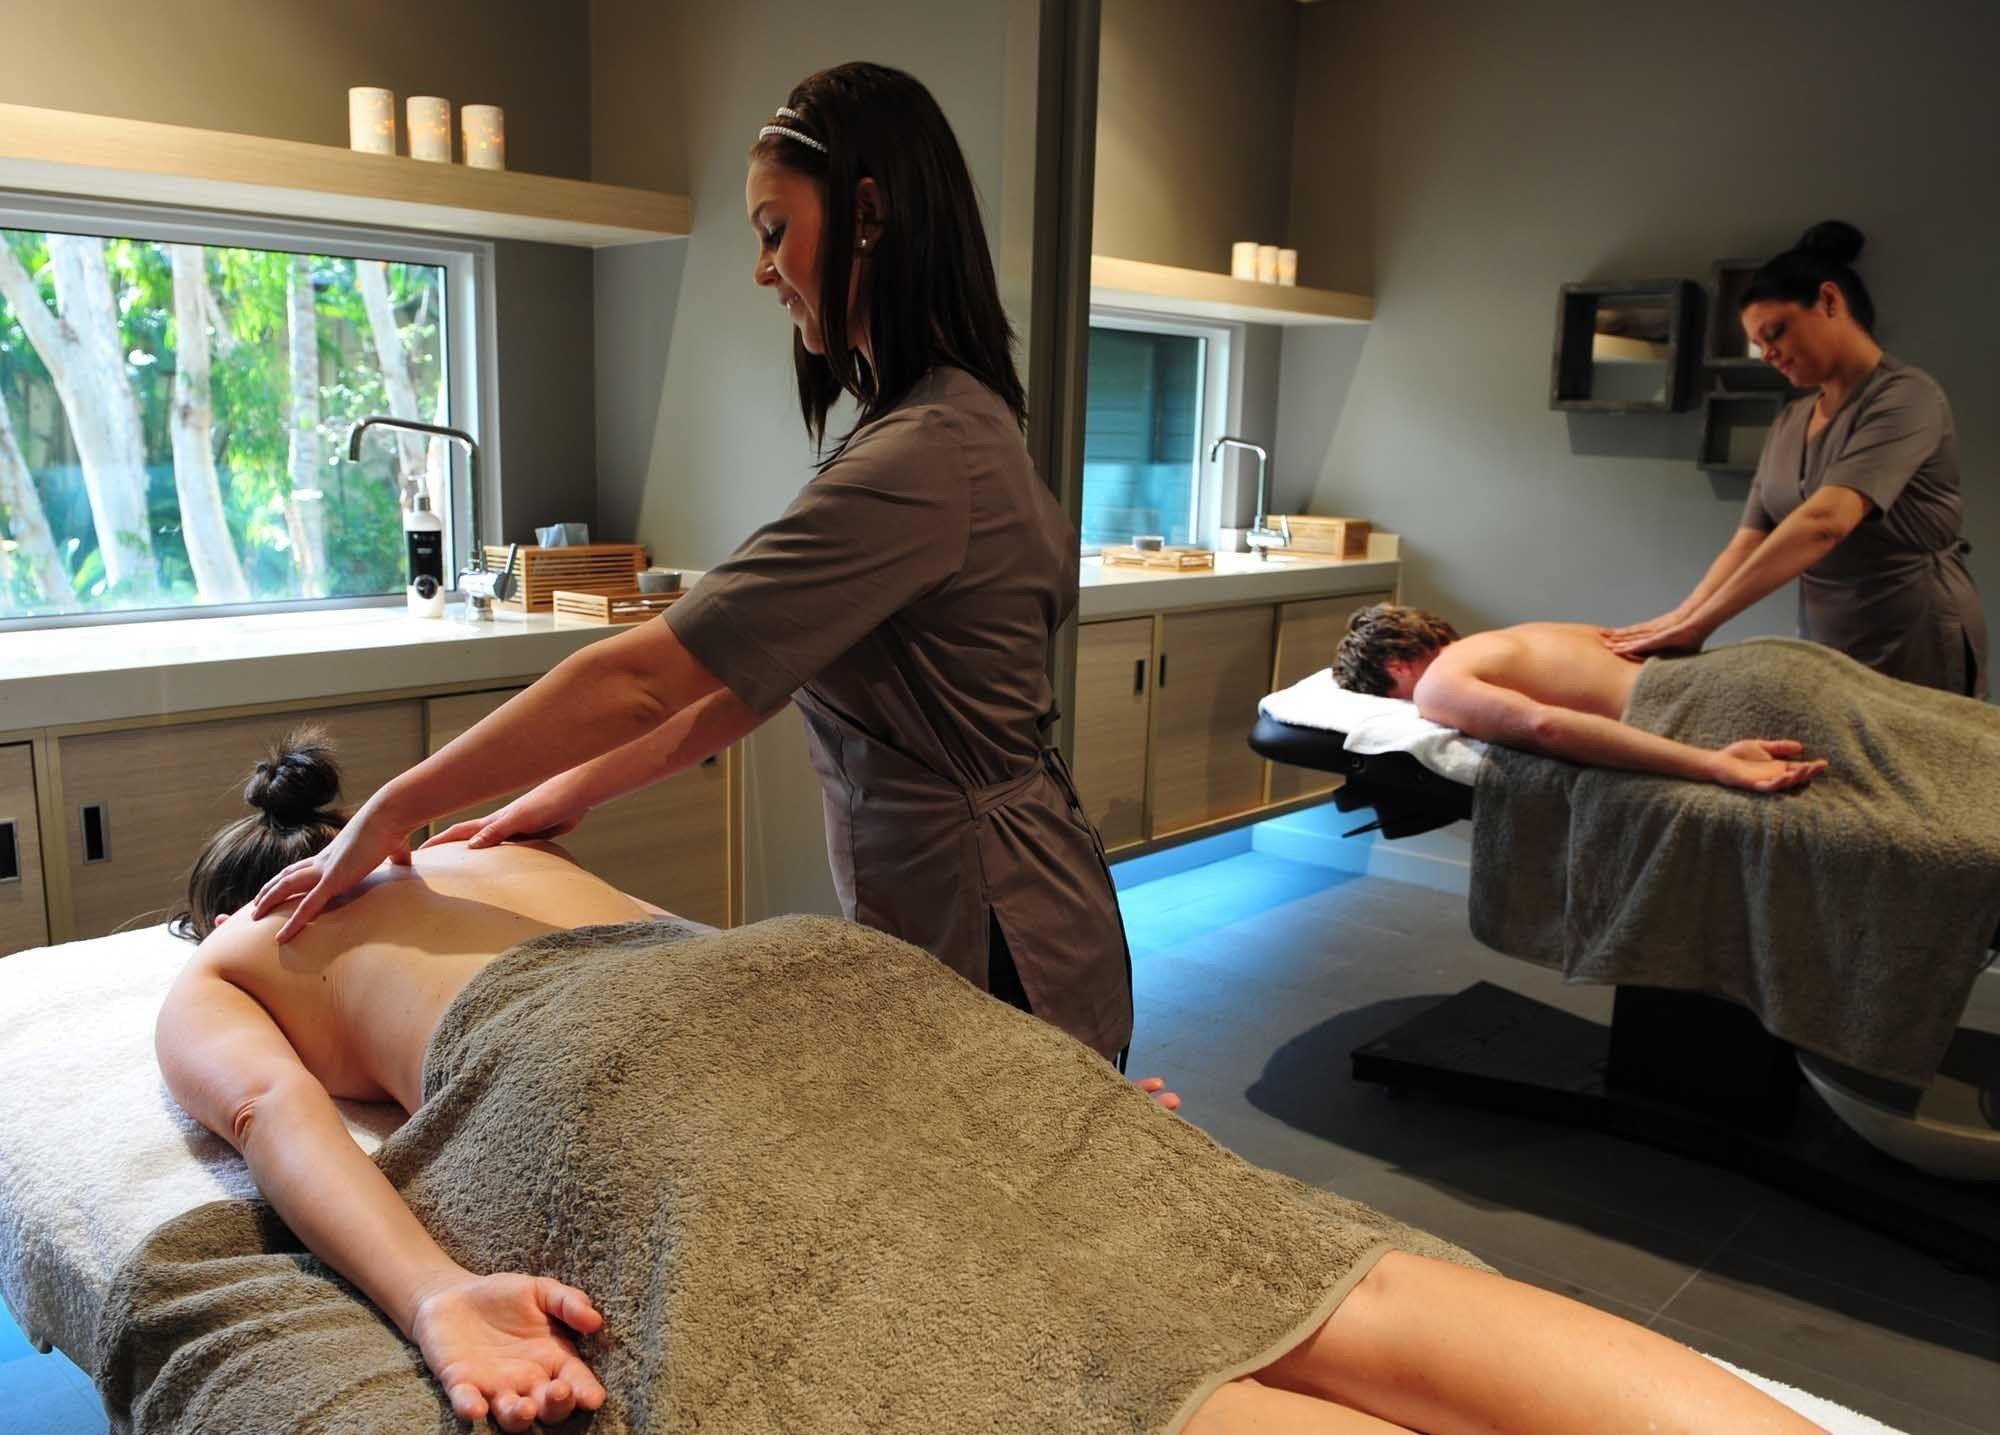 Tin M. reccomend Hamilton erotic massage for woman